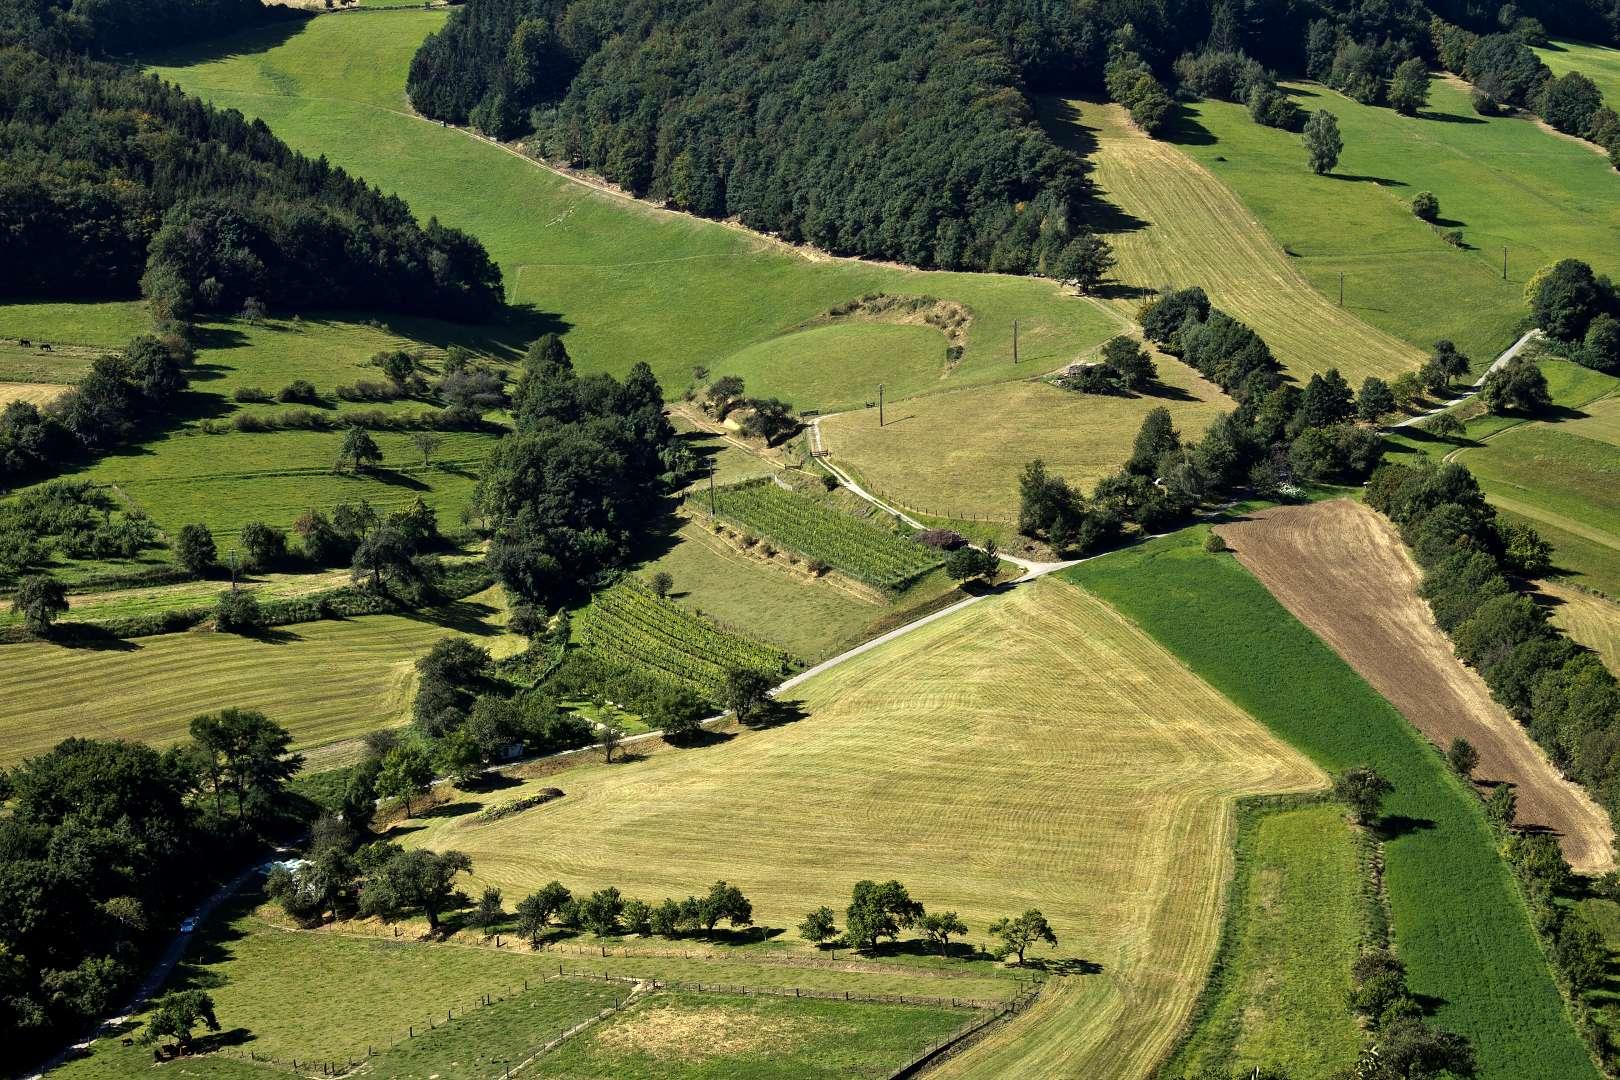 Wachau: Spitzer Graben